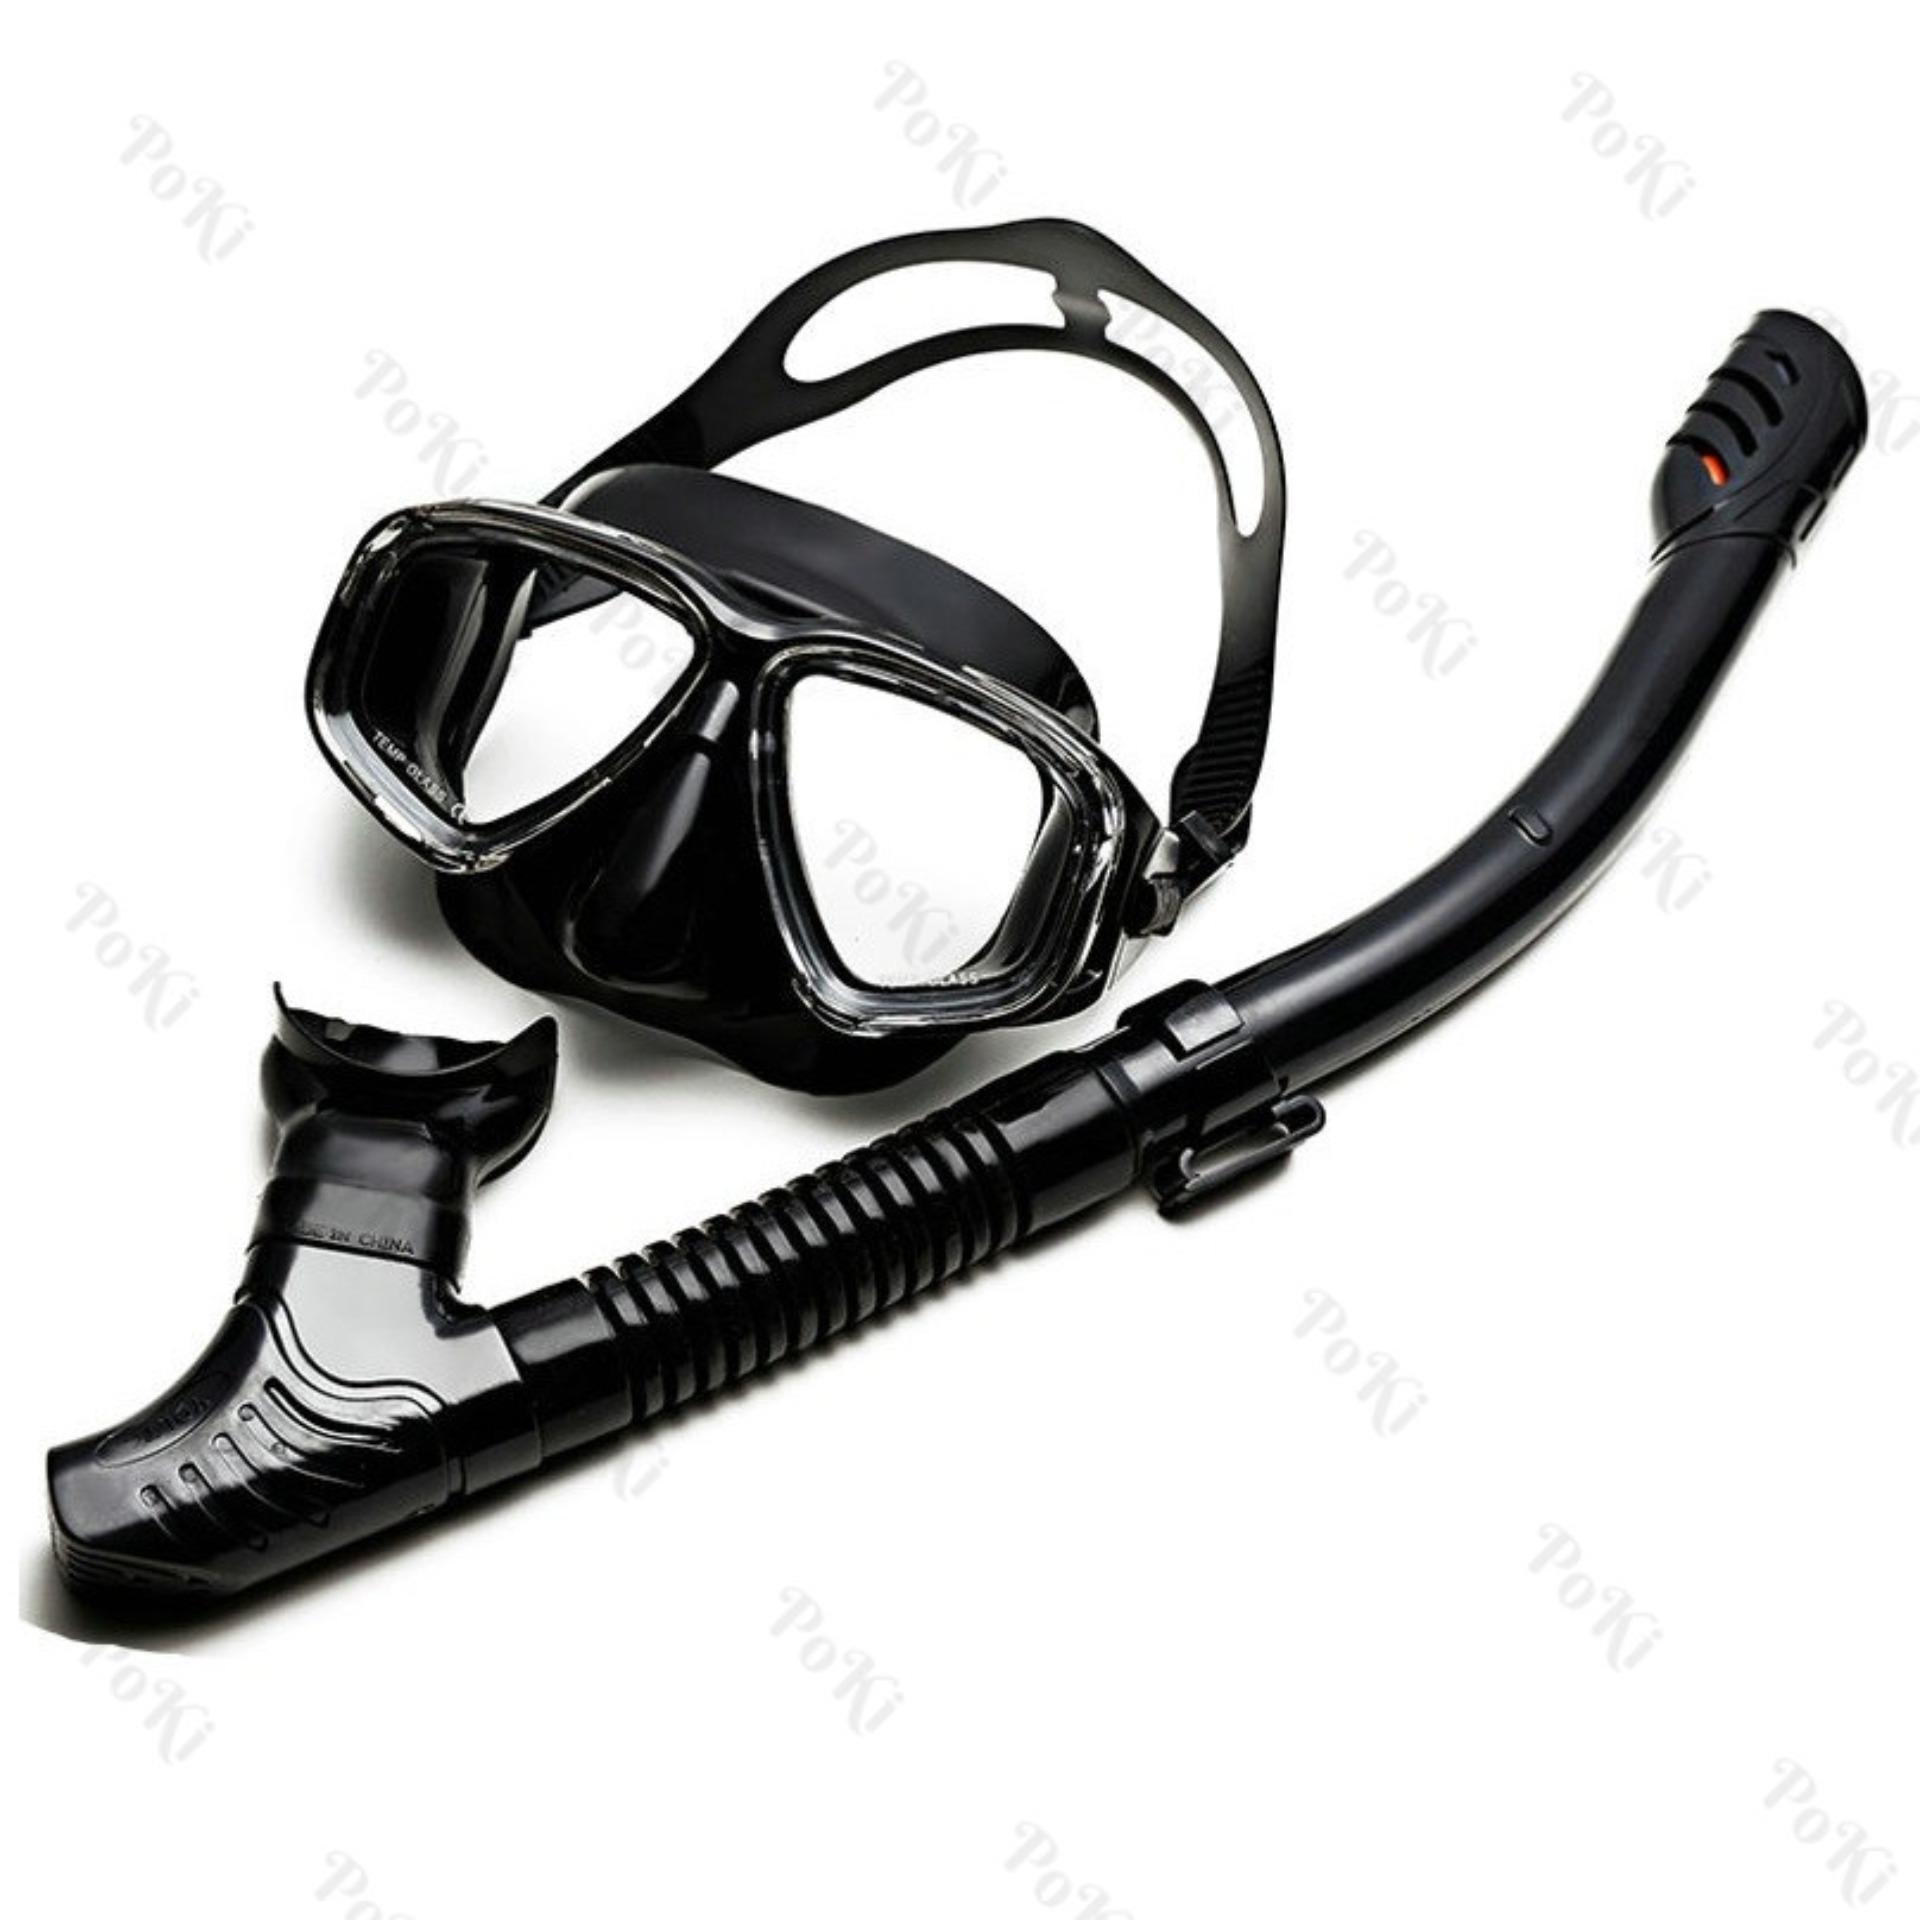 Bộ kính lặn Ống thở S301 - mắt KÍNH CƯỜNG LỰC, ống thở van 1 chiều ngăn nước, đồ thể...